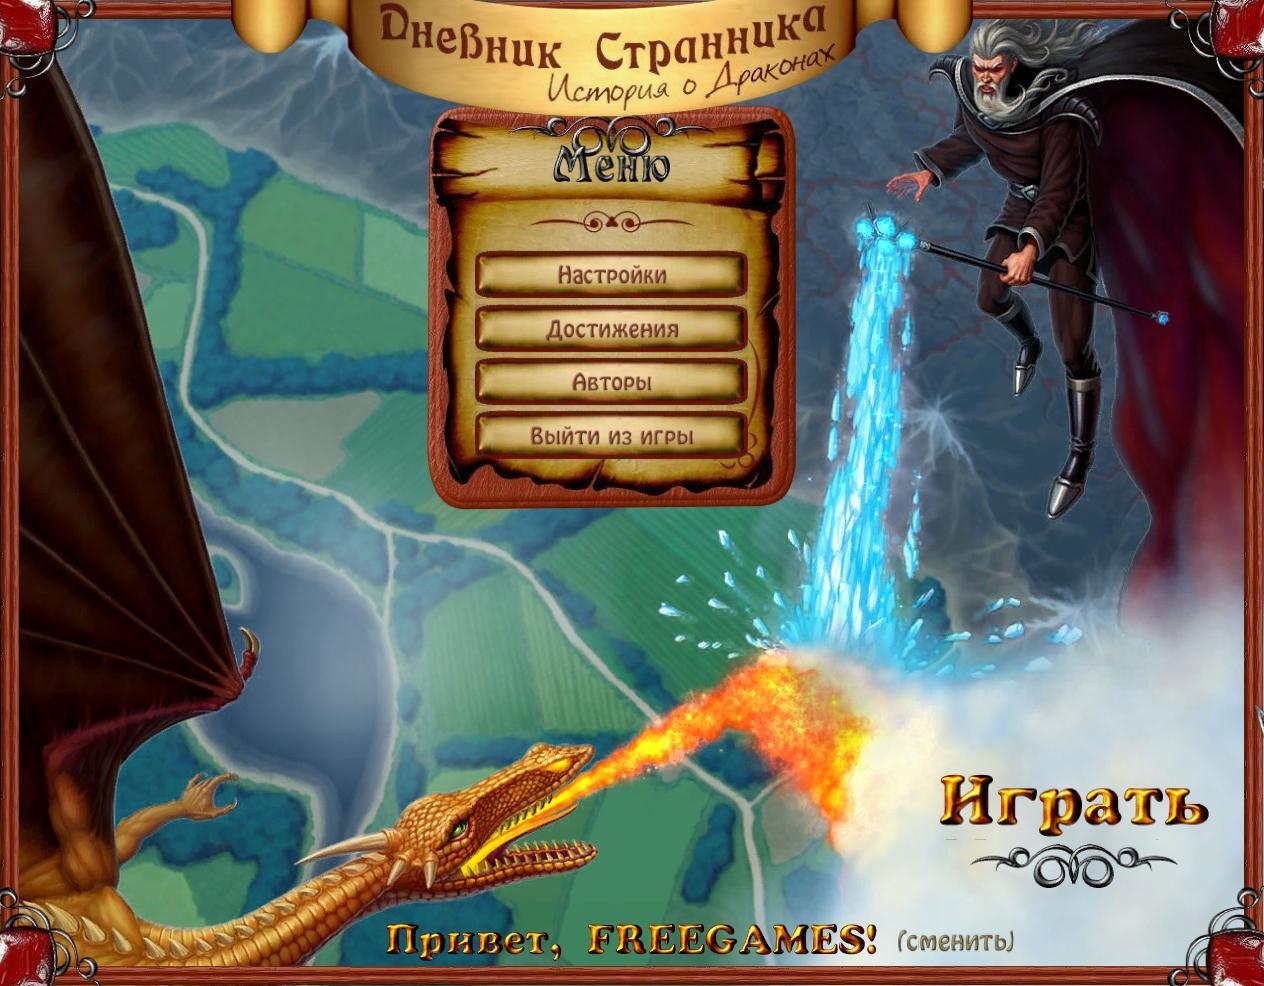 Дневник Странника. История о Драконах | The Story Of Dragons (Rus)